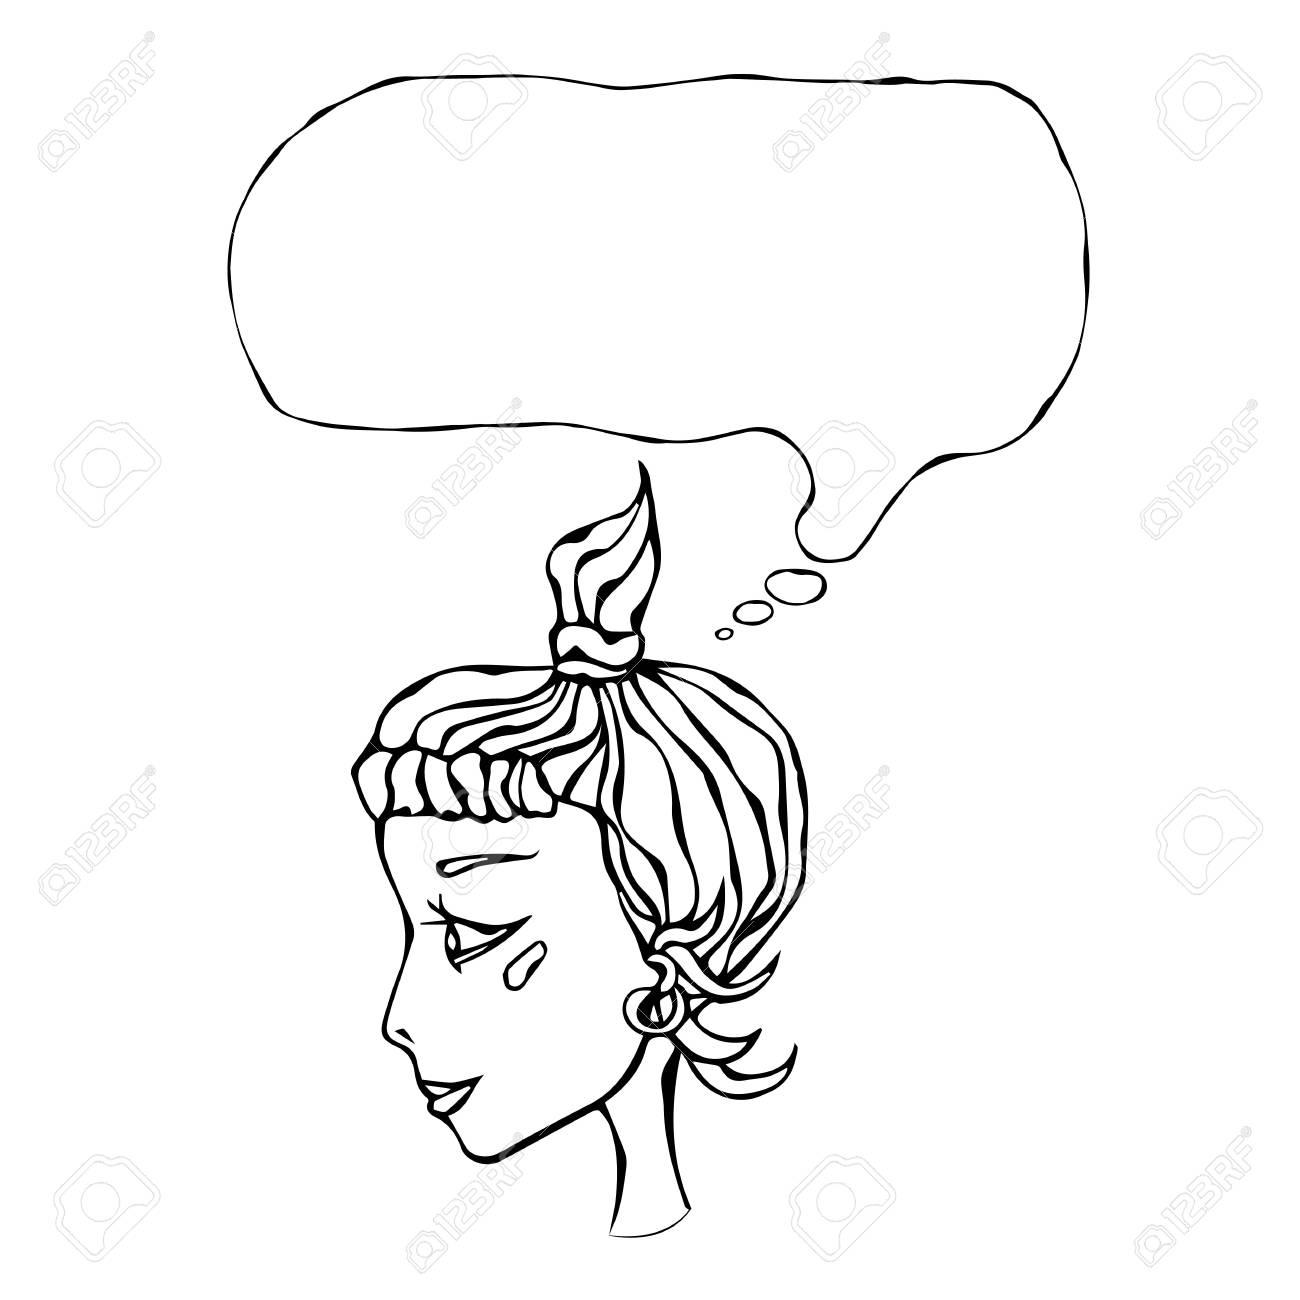 Tête De Visage De Fille Mignonne De Dessin Animé Hipster De Profil De Profil Avec Queue De Cheval Sourire Blush Pensée Bulle Ci Dessus Illustration